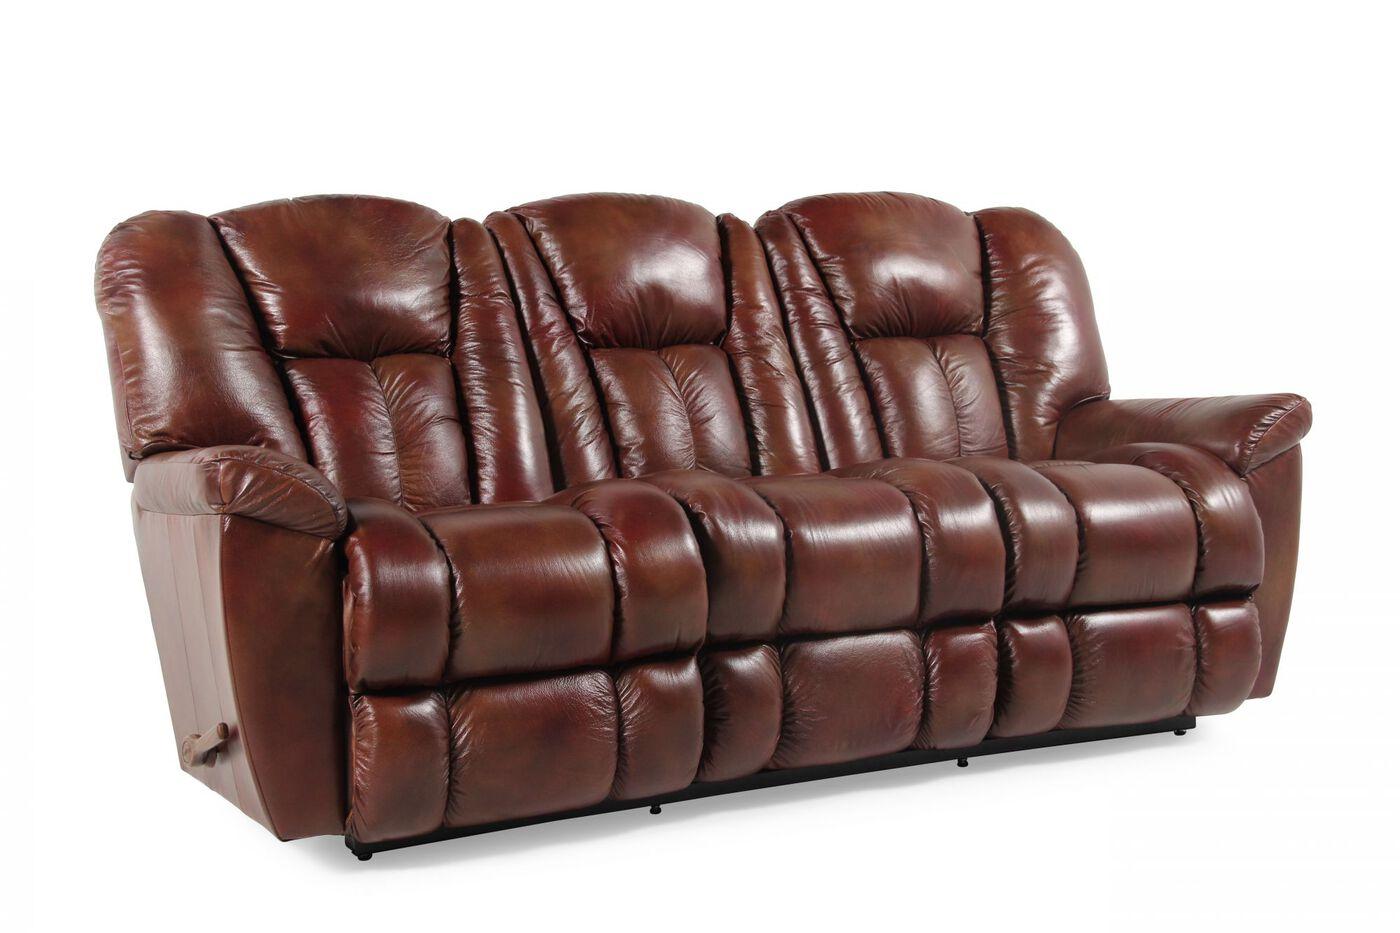 Keano Leather Sofa Mahogany Dock 86